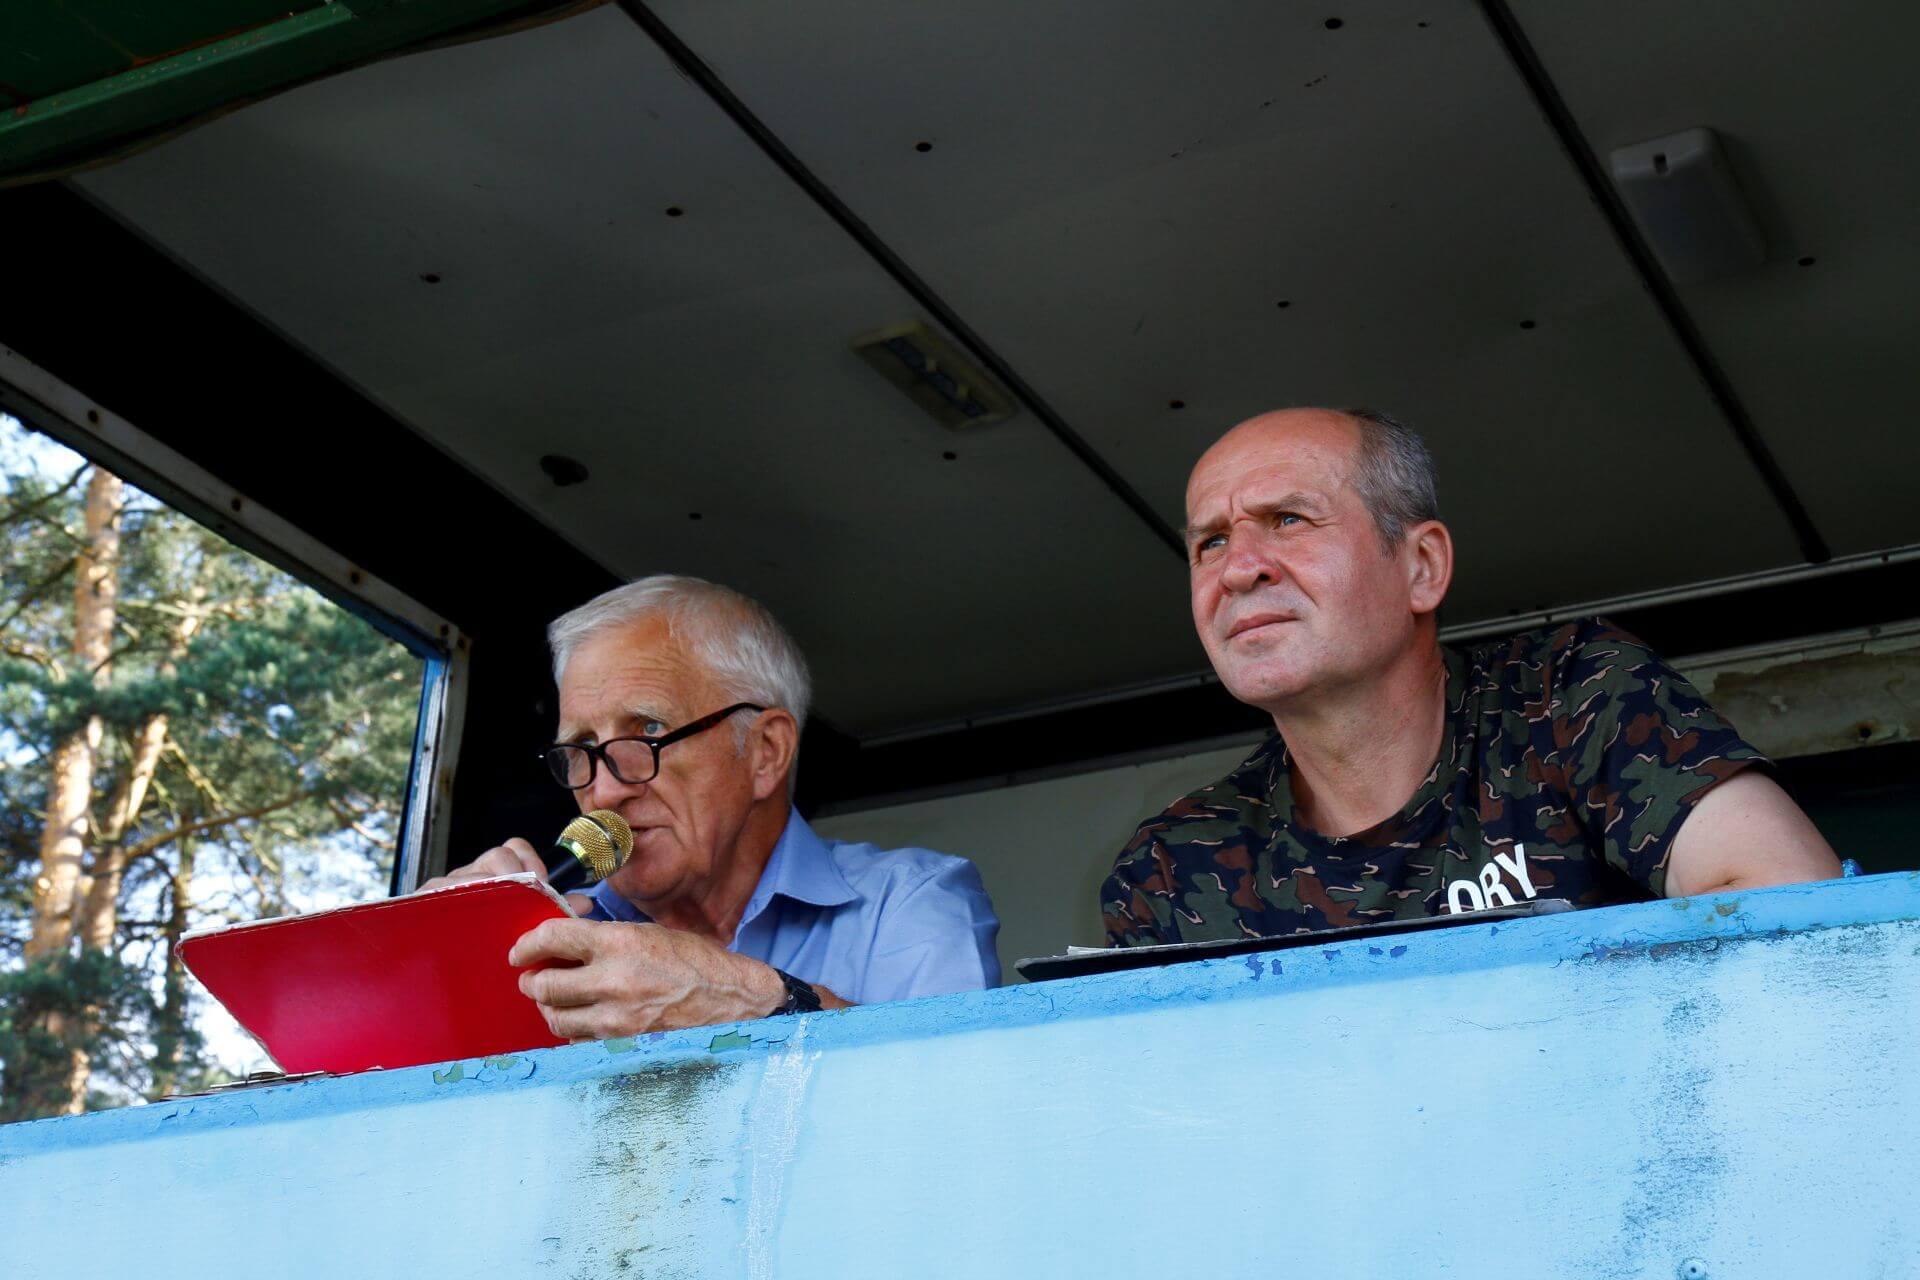 Komentator sportowy Zdzisław Włodarczyk oraz Ireneusz Pytoń (były piłkarz MKS Orlicz) podczas meczu MKS Orlicz Suchedniów – OKS Opatów